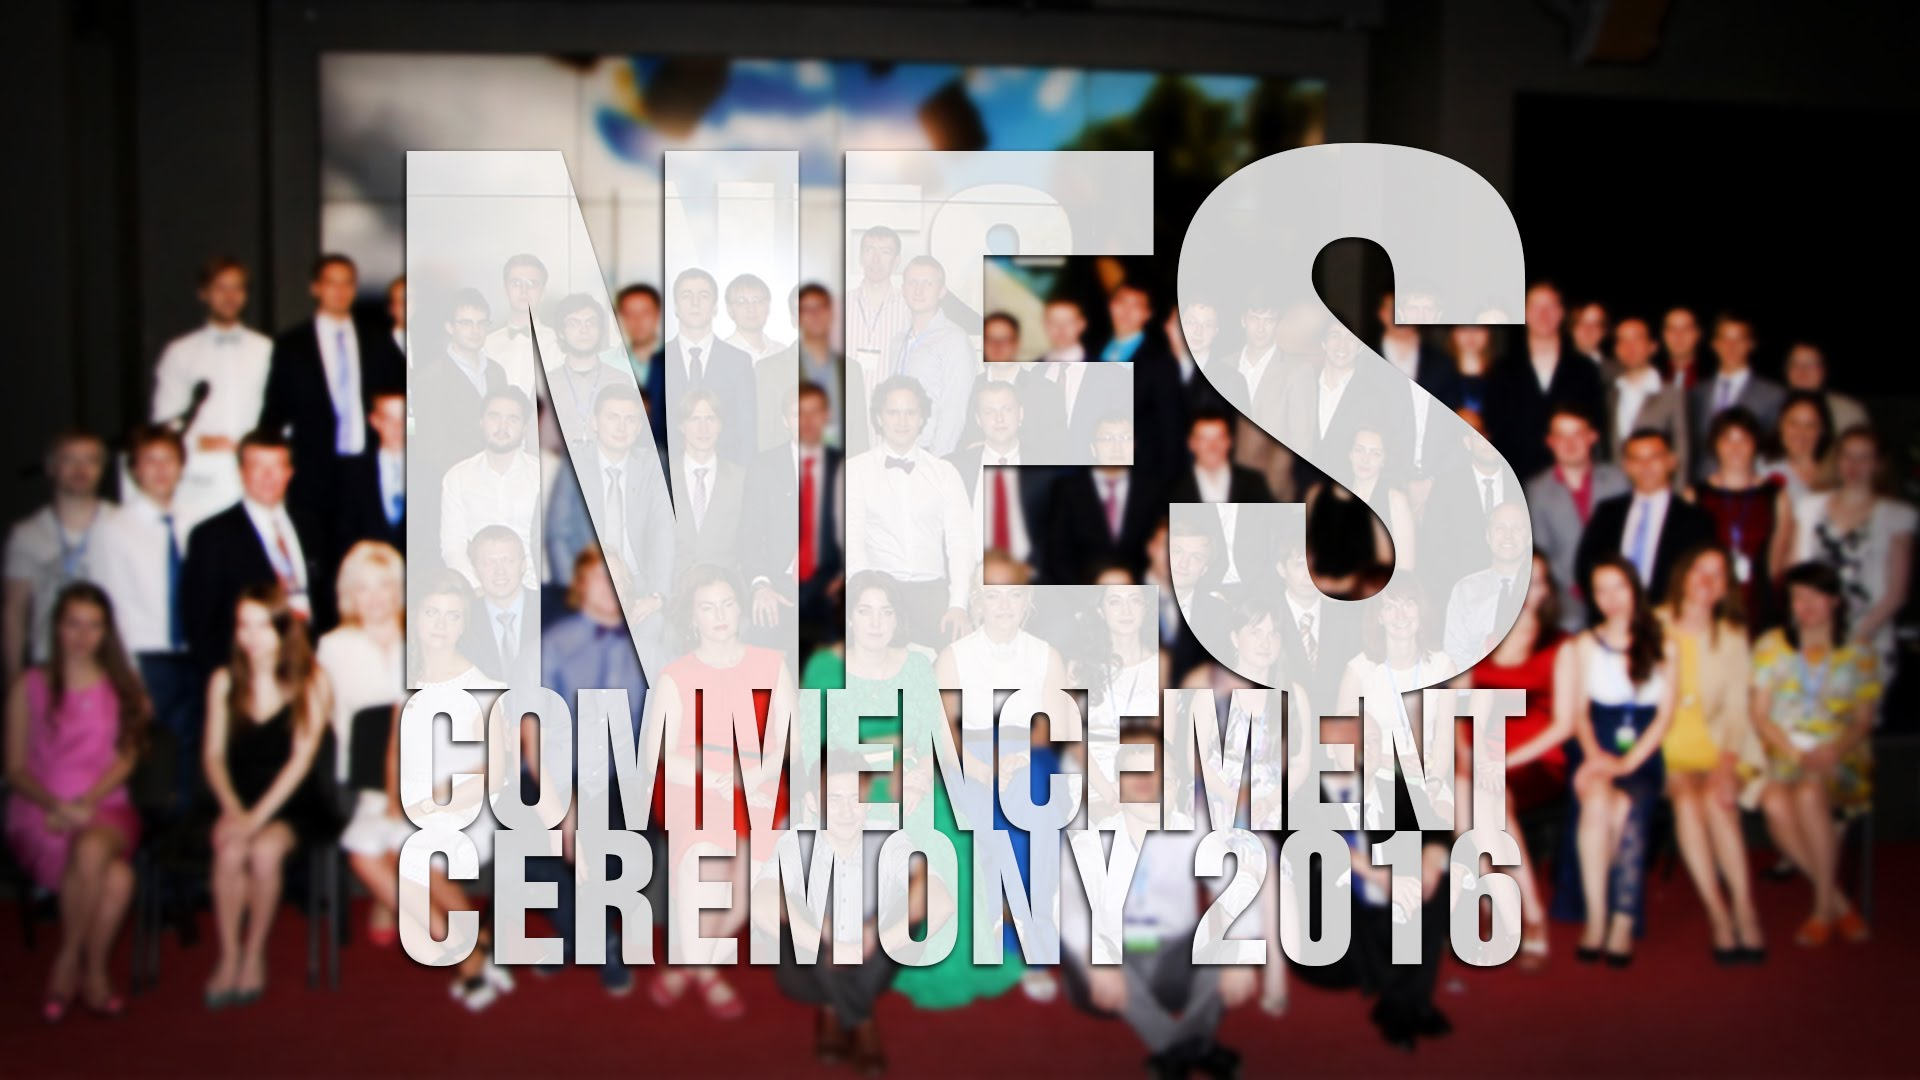 NES Commencement Ceremony 2016  - «Видео - РЭШ»